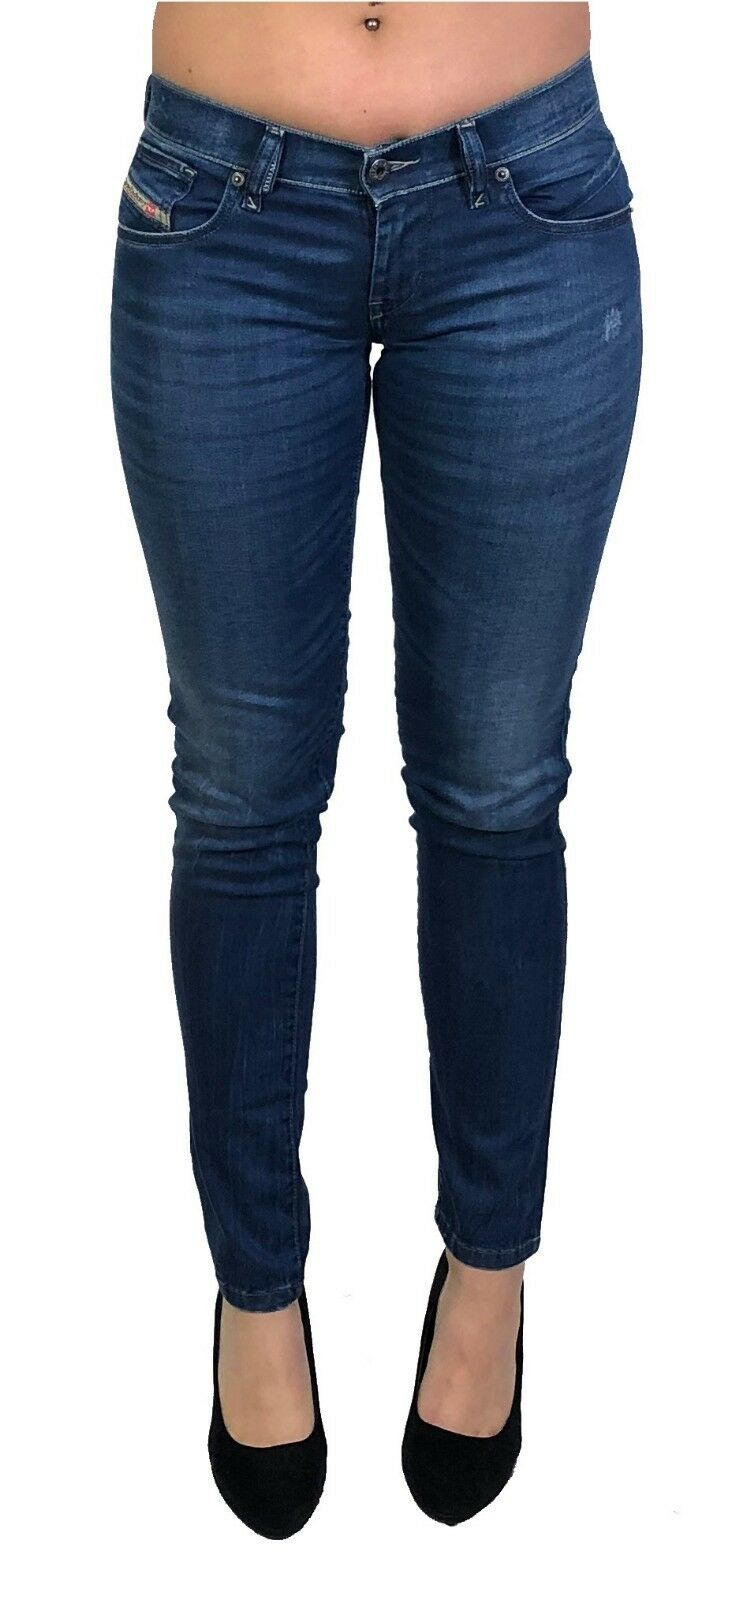 Diesel Damen Stretch Jeans GETLEGG 0R610 slim Skinny blau  used look  dezent NEU